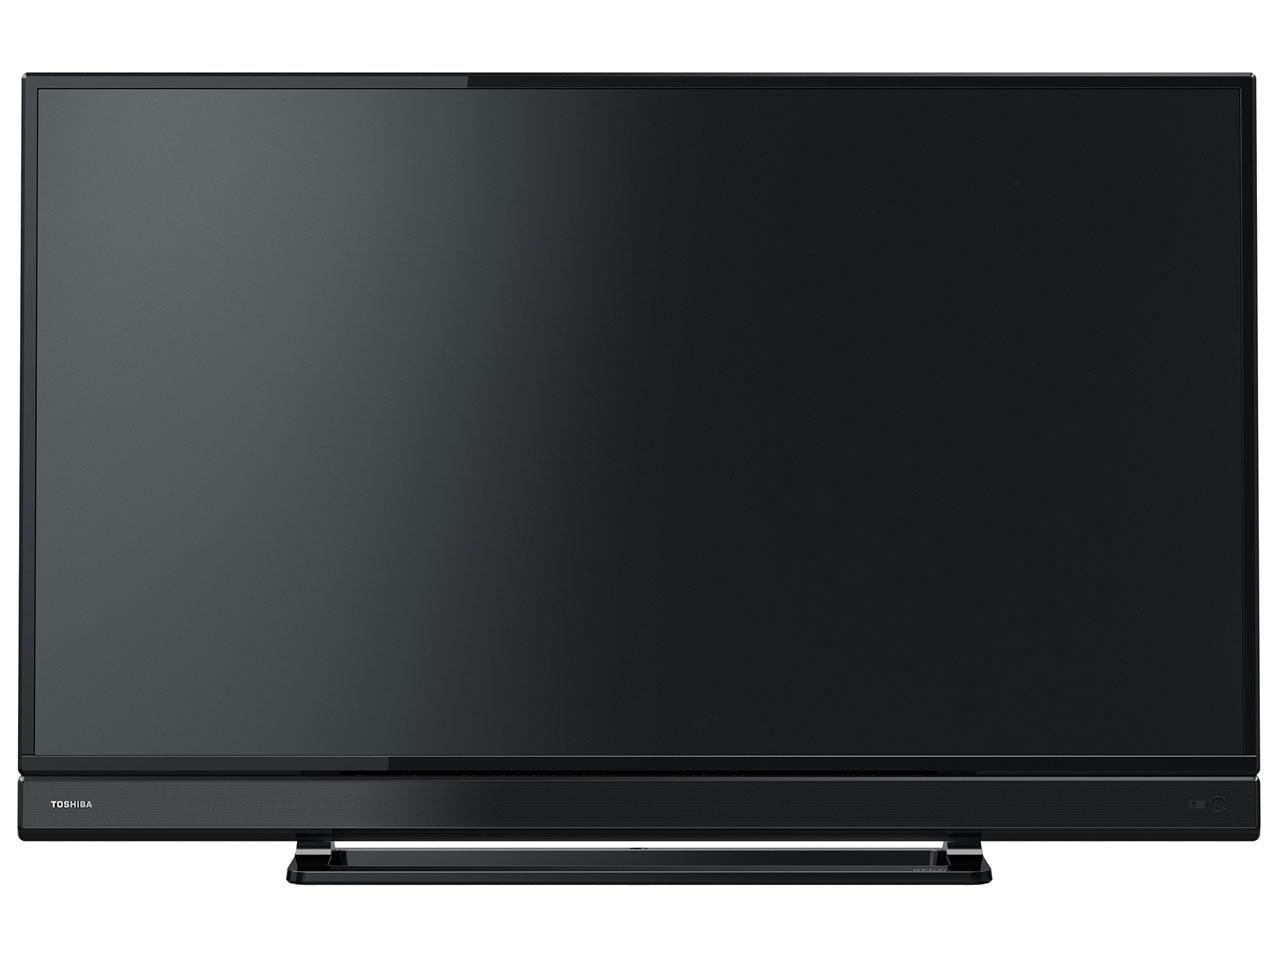 【代金引換不可】40S21 [40インチ] 東芝 REGZA 液晶テレビ【テレビ】【LED】【レグザ】